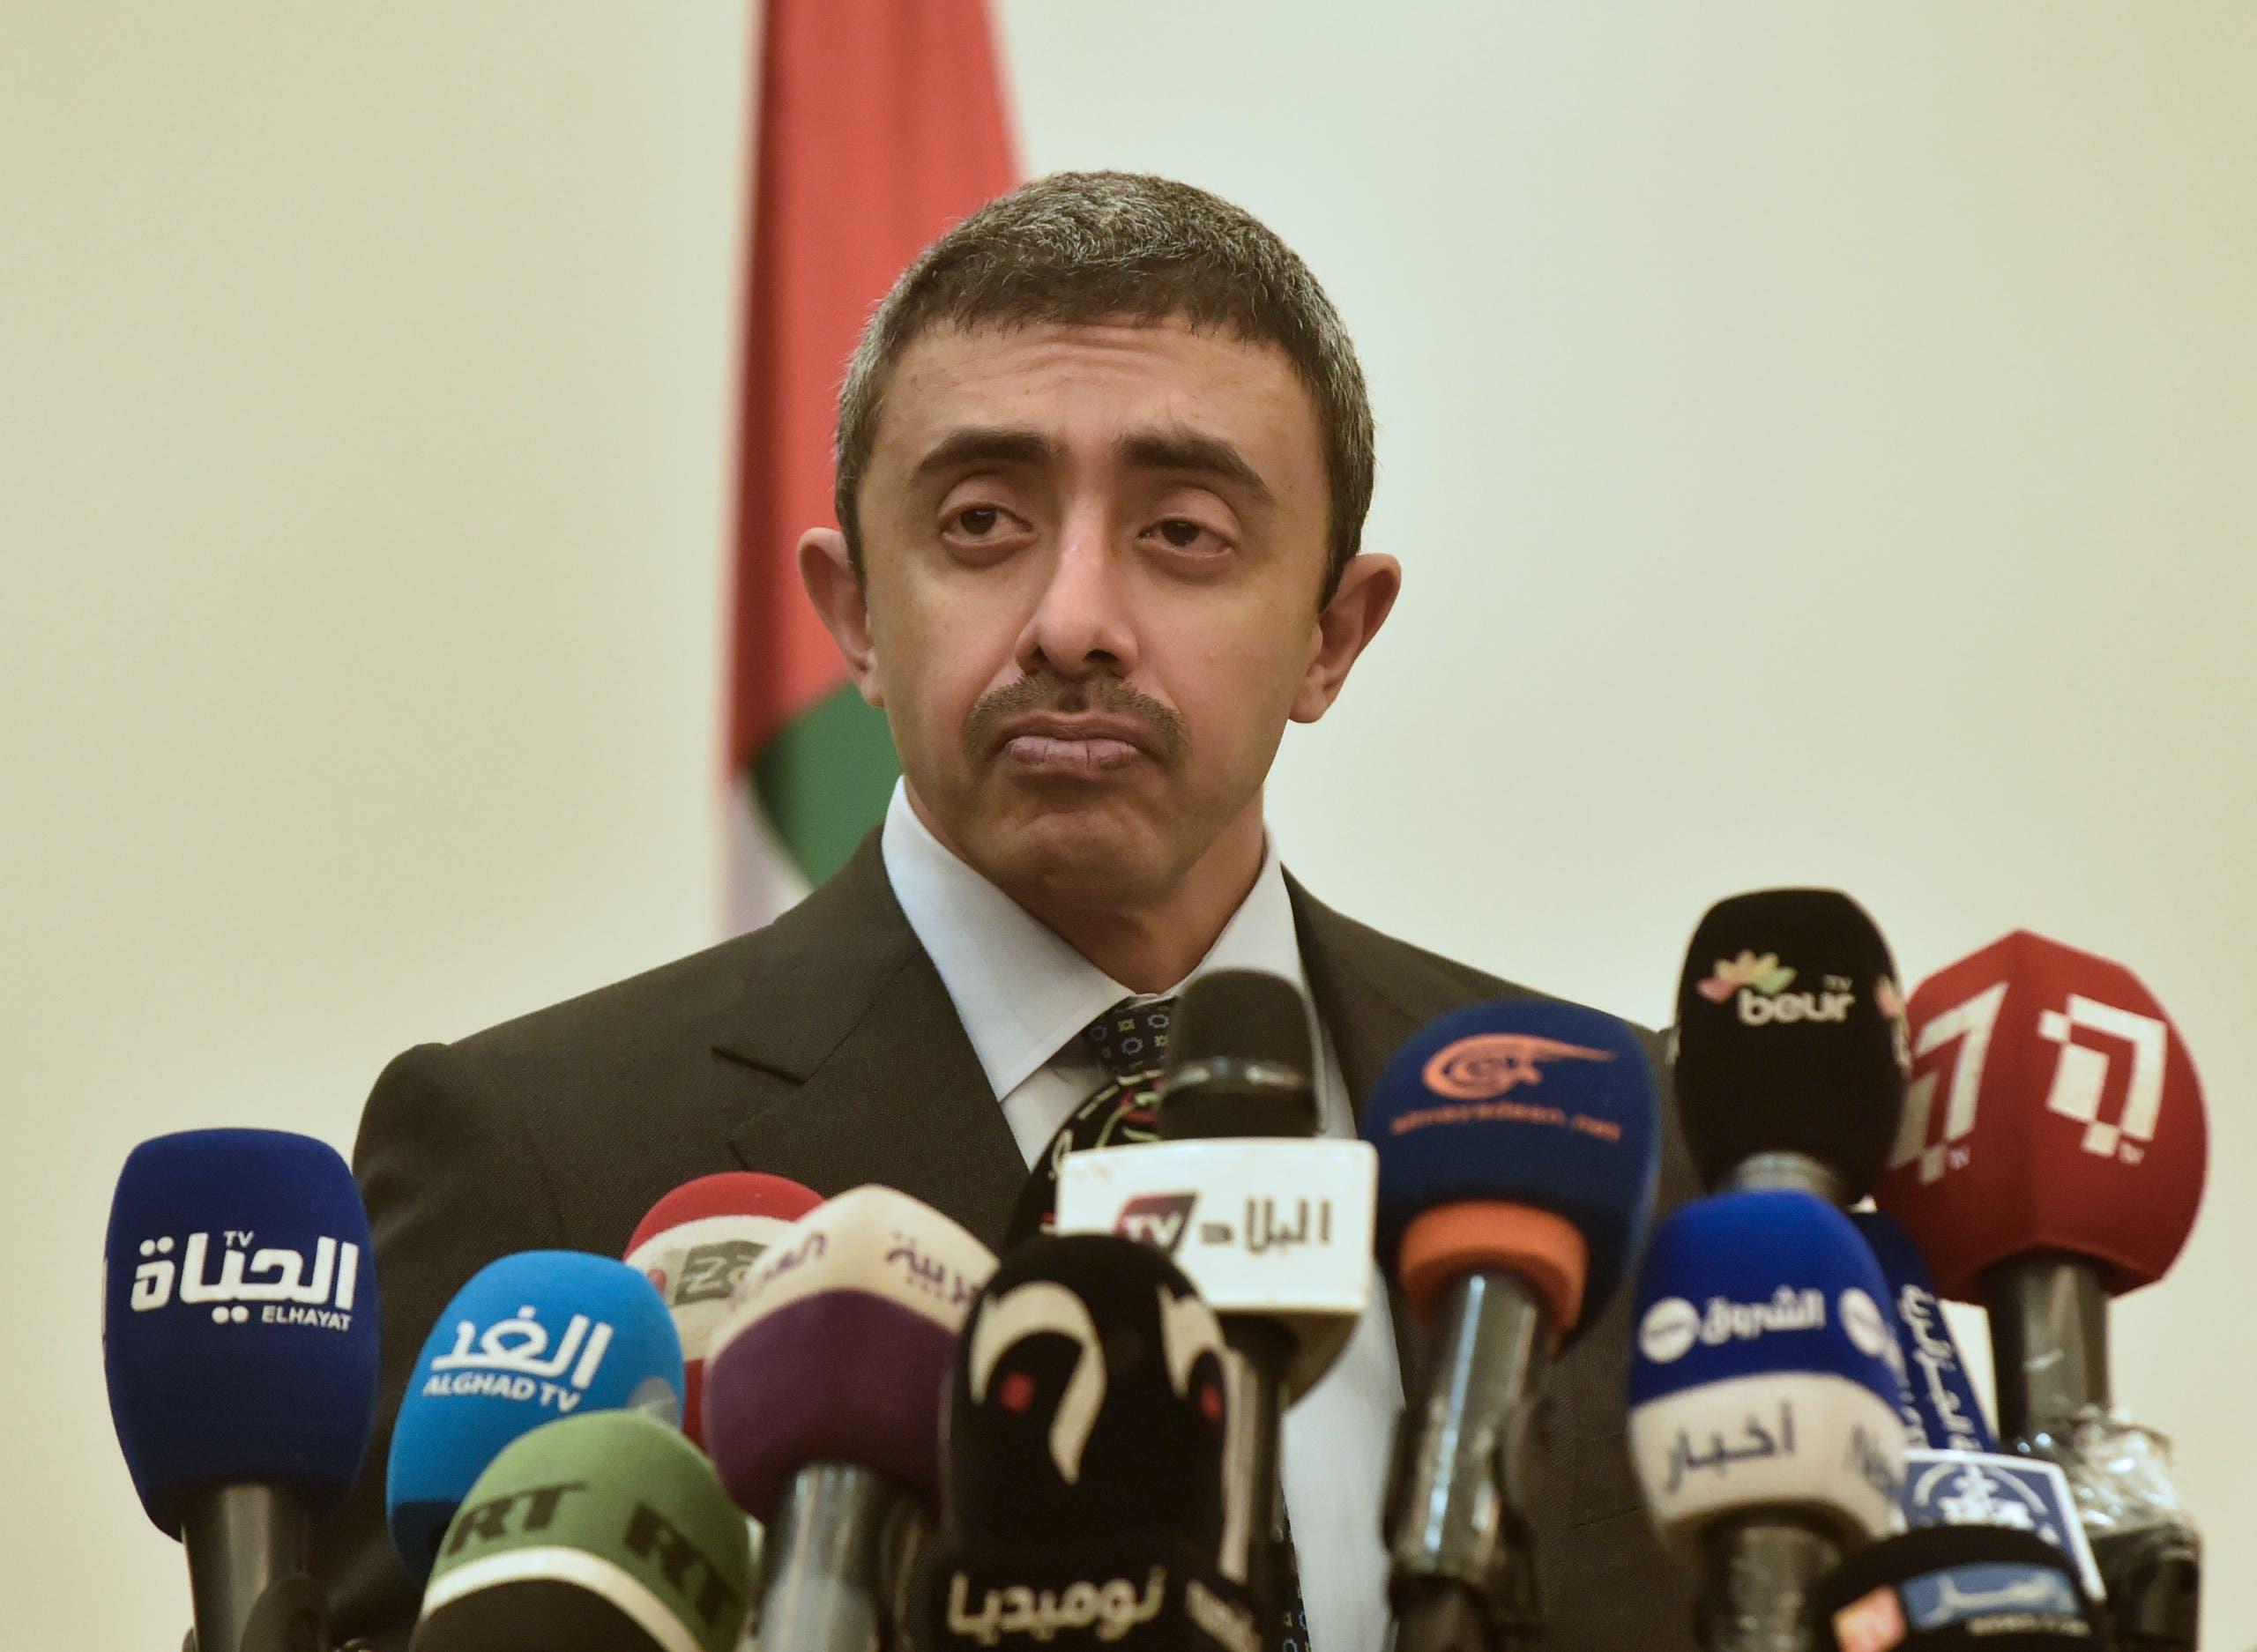 وزير الخارجية الإماراتي الشيخ عبد الله بن زايد